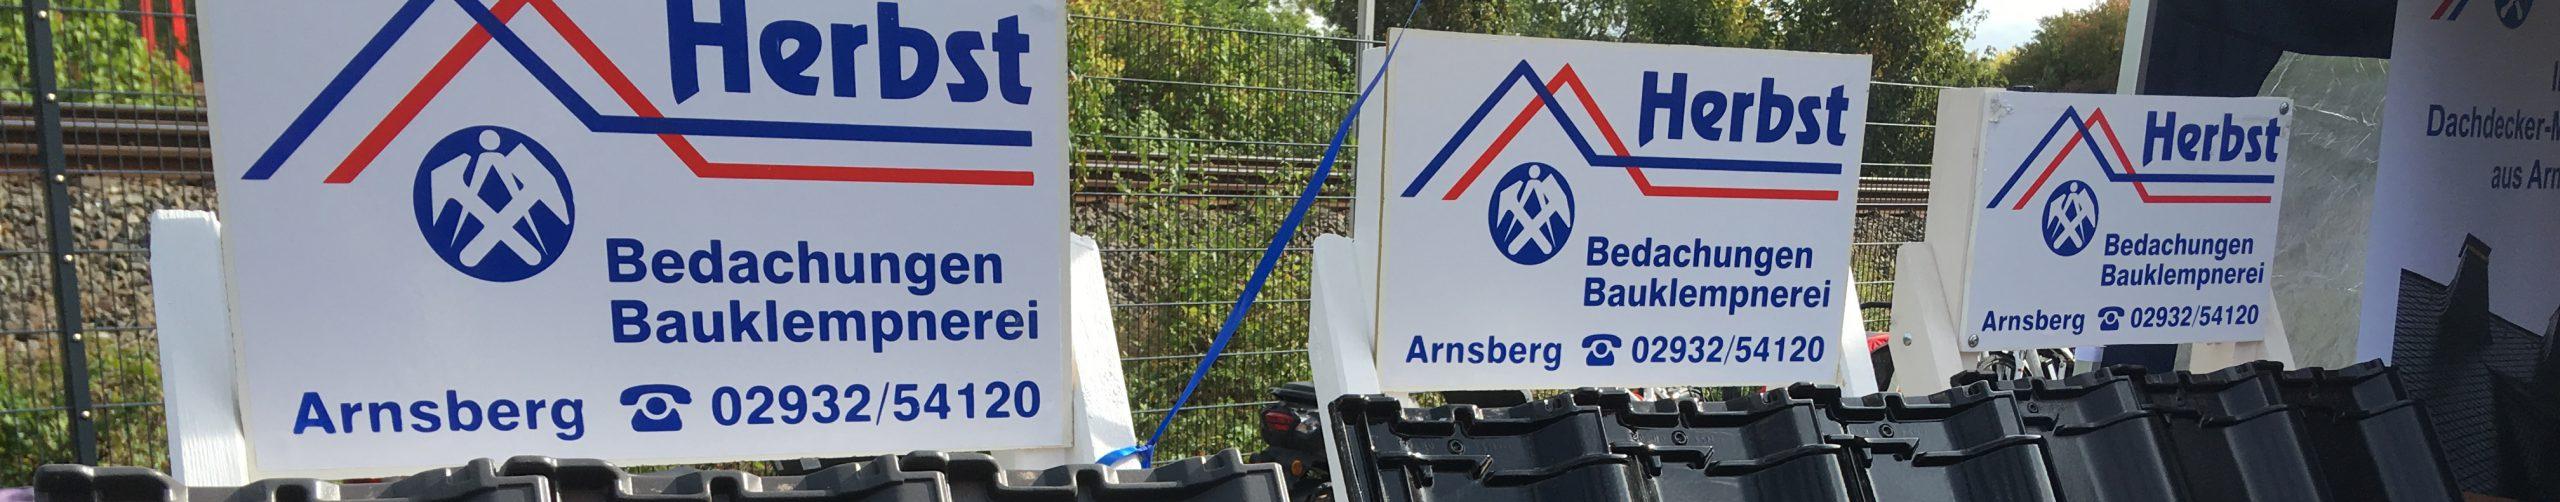 Herbst Bedachungen GmbH & Co. KG